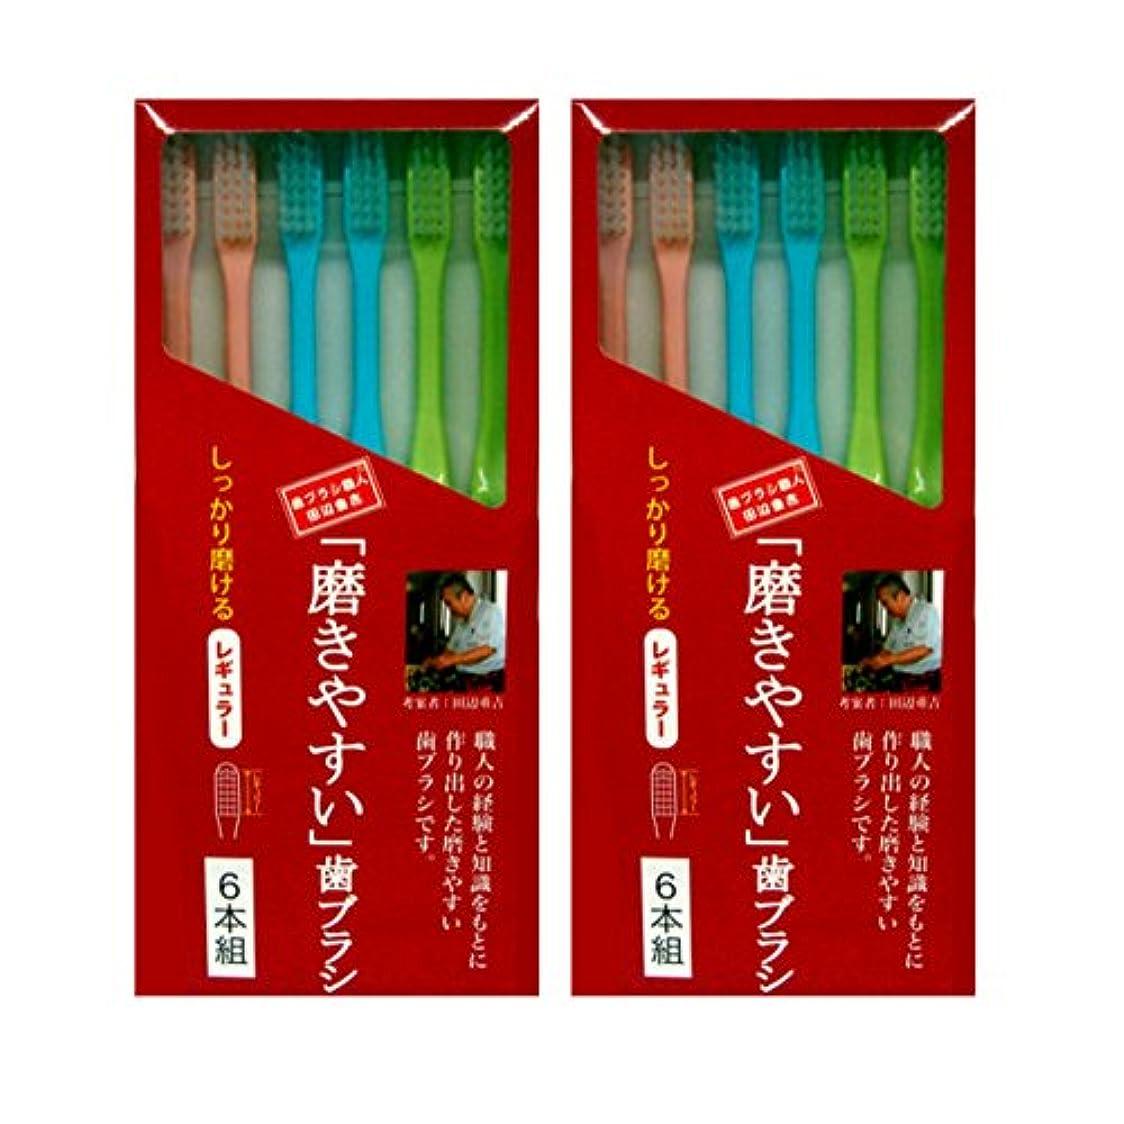 時折パイプ過剰磨きやすい歯ブラシ レギュラータイプ 6本組×2個セット (計12本)